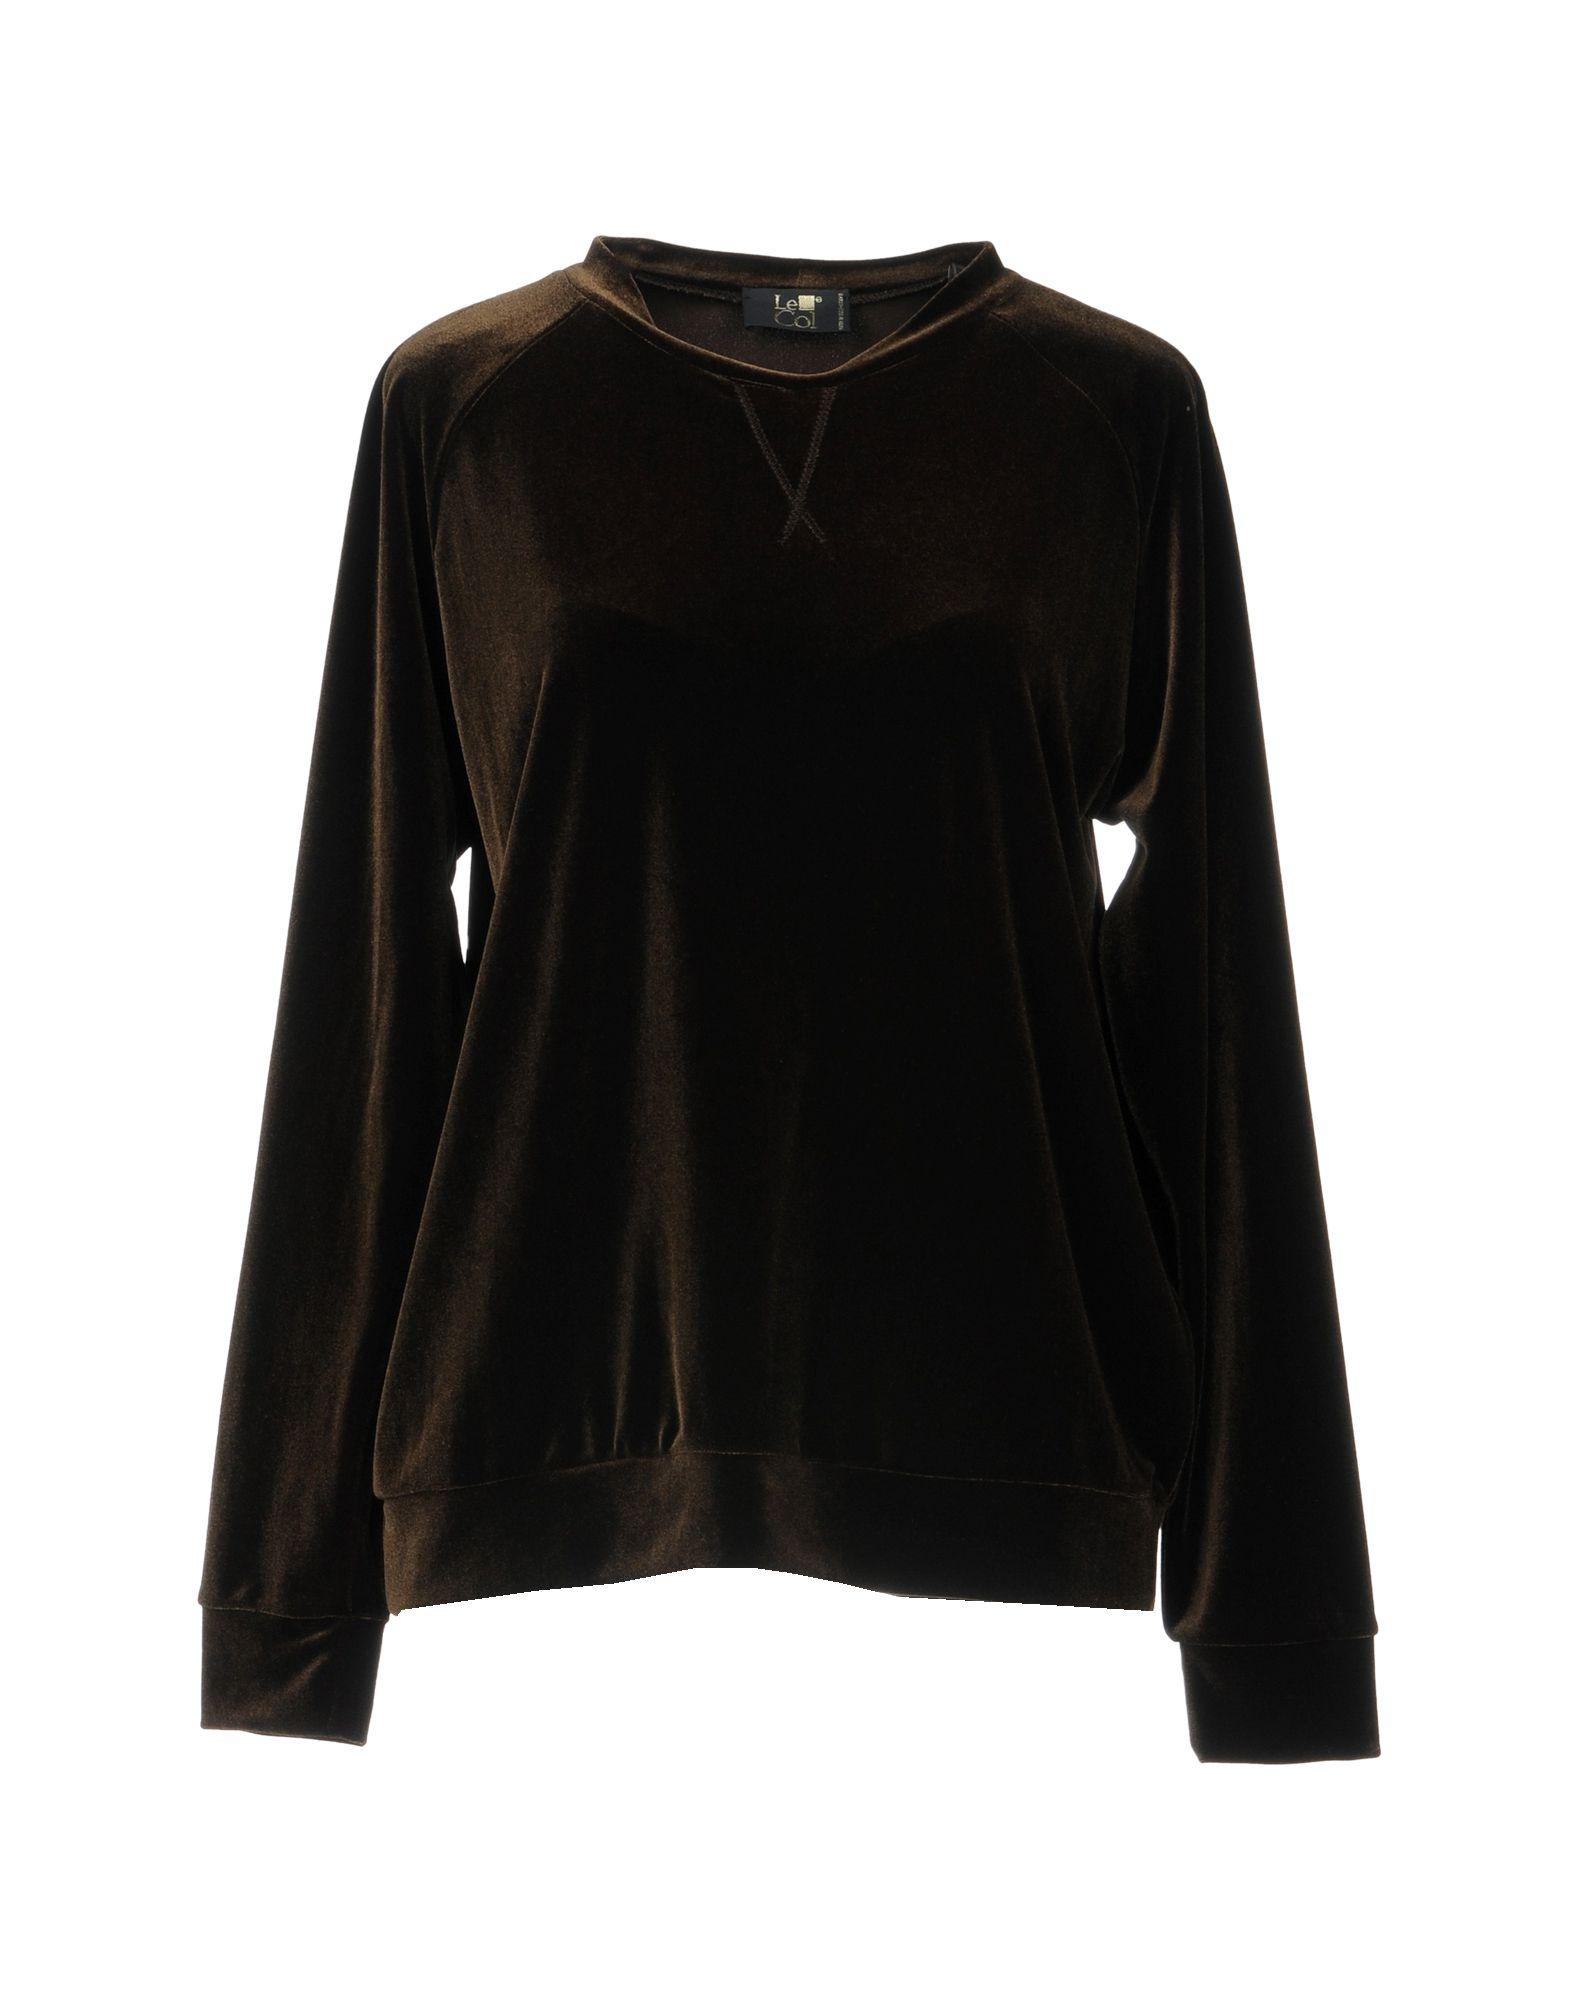 LE COL Sweatshirt in Dark Brown